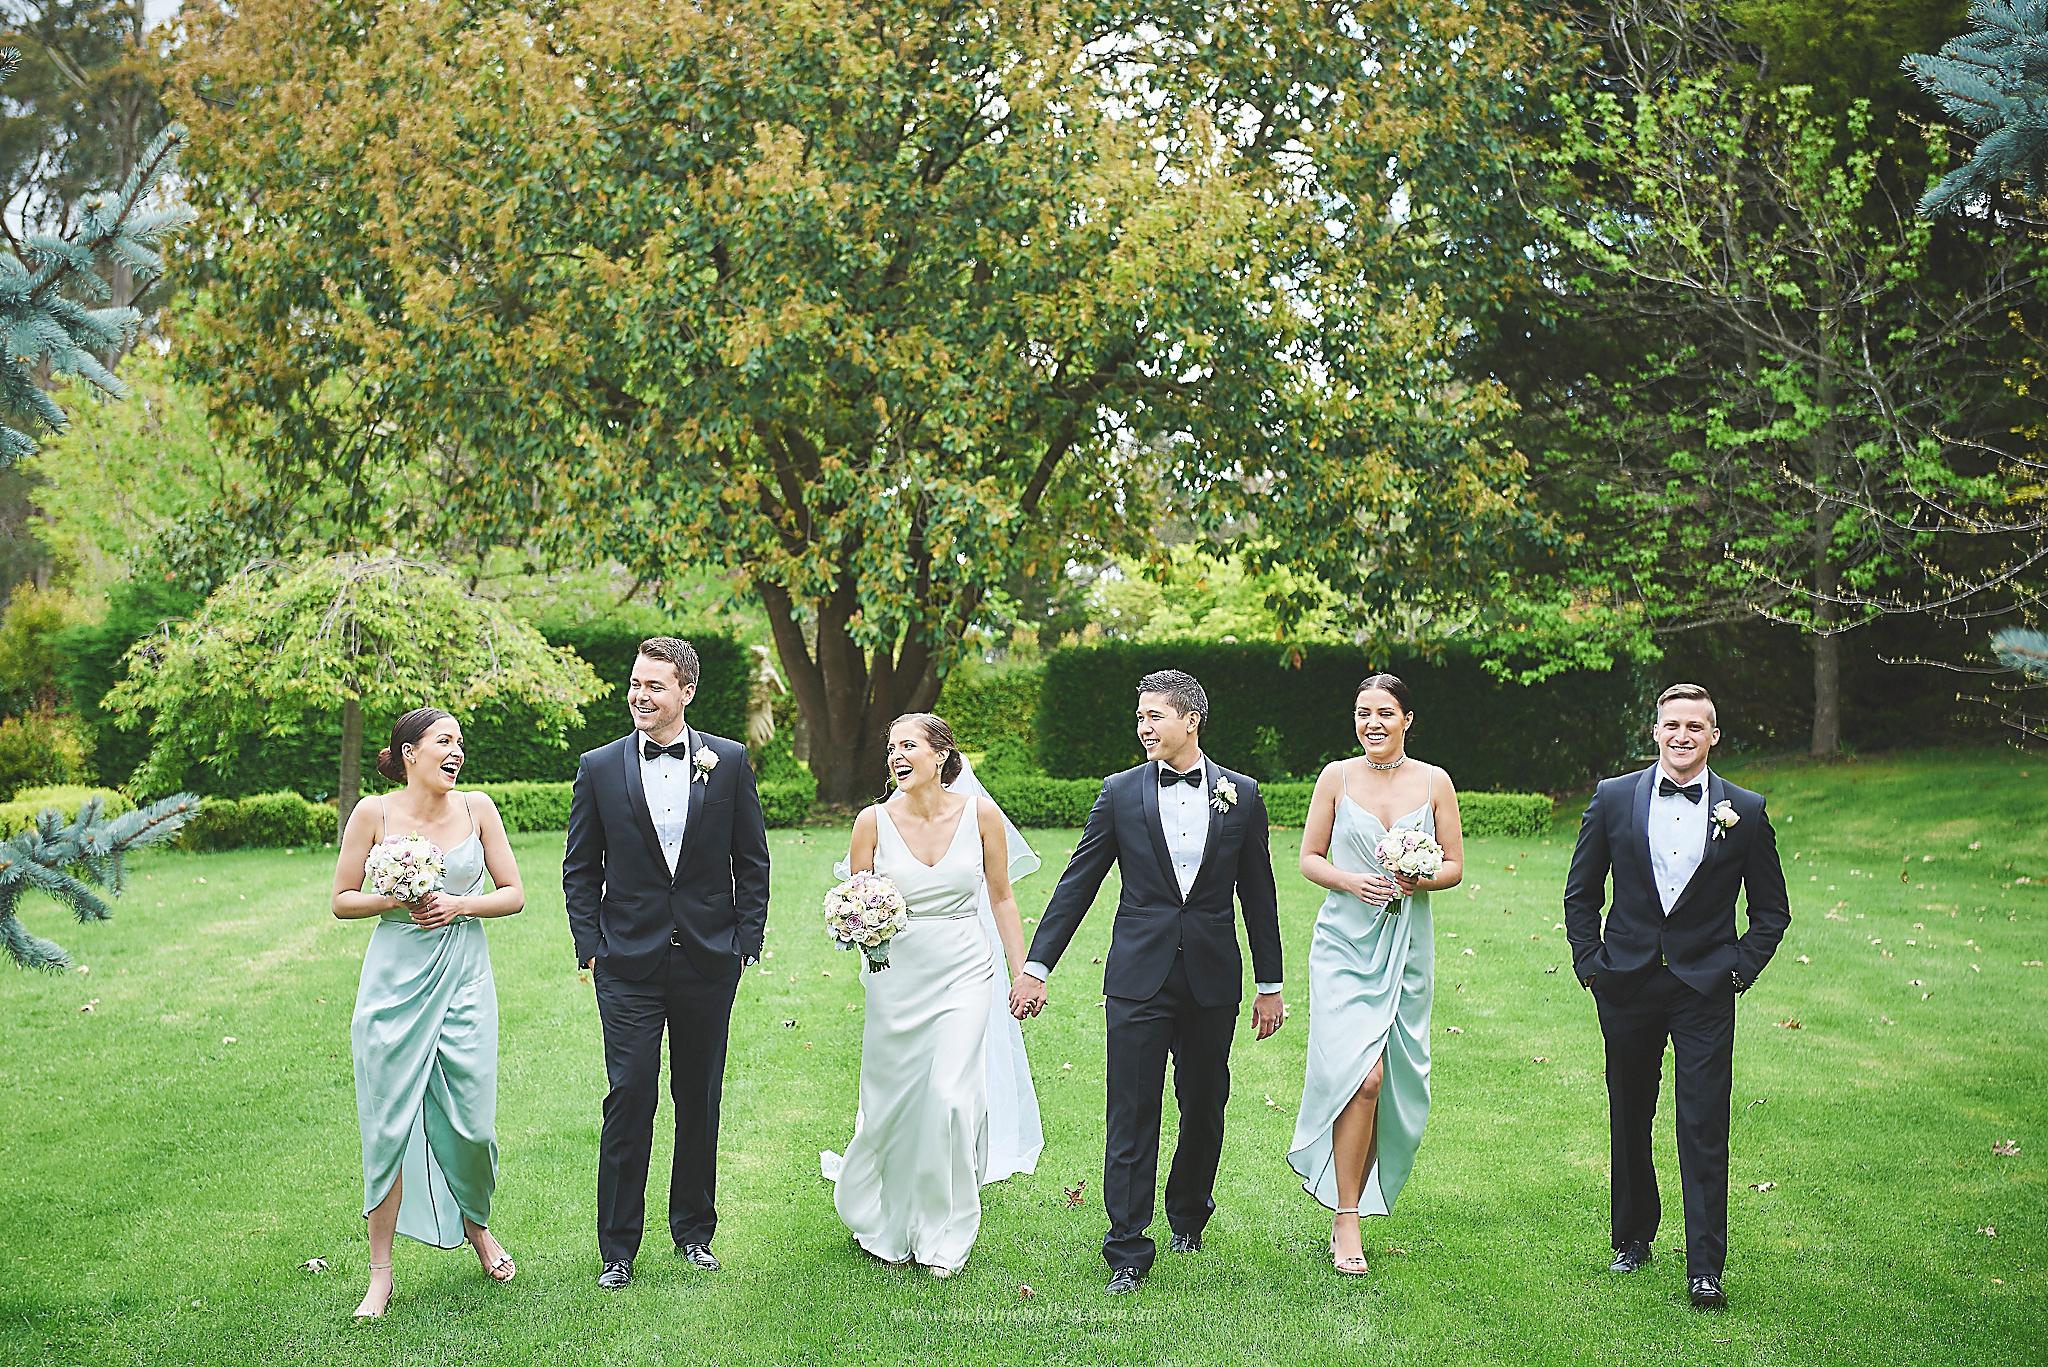 adelaide_hills_wedding_photography_0009.jpg